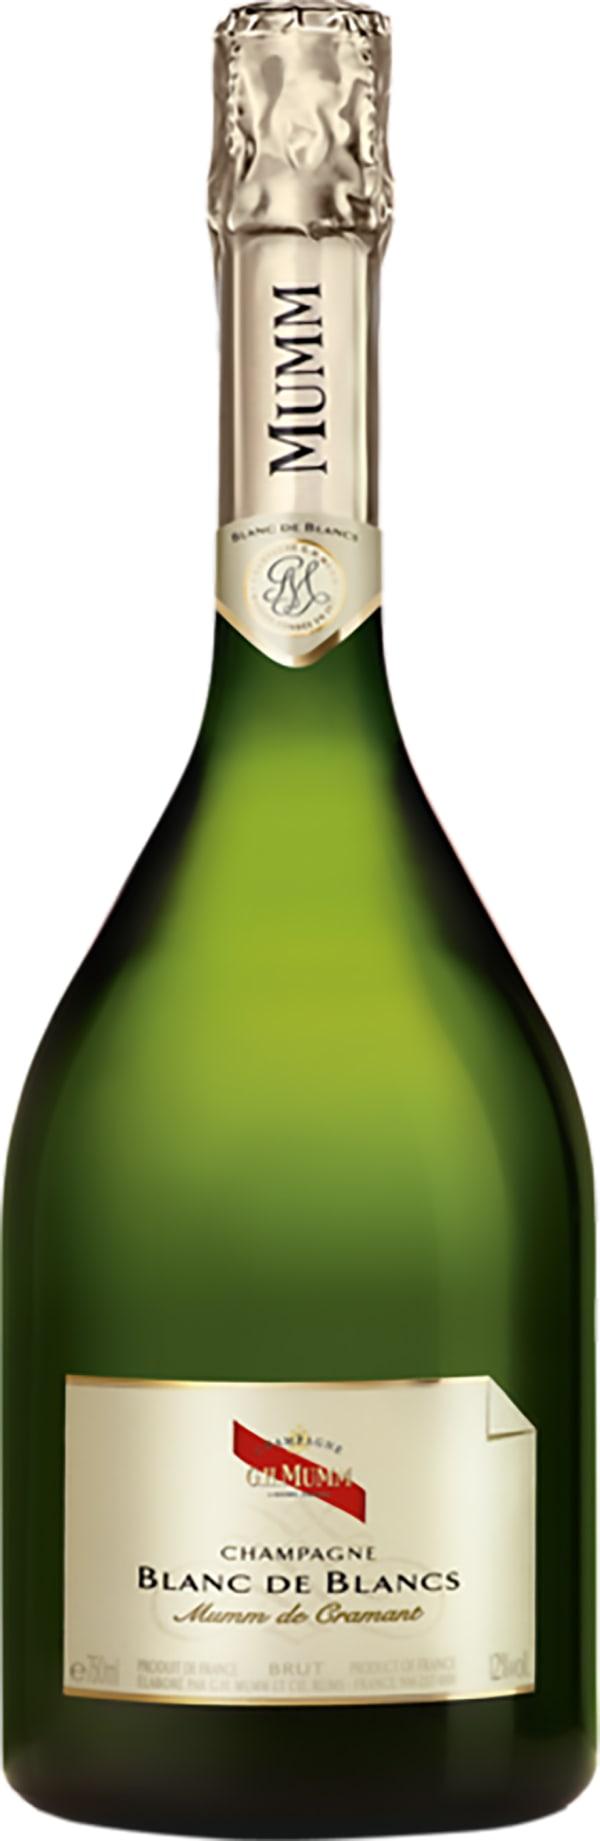 Mumm Blanc de Blancs de Cramant Champagne Brut